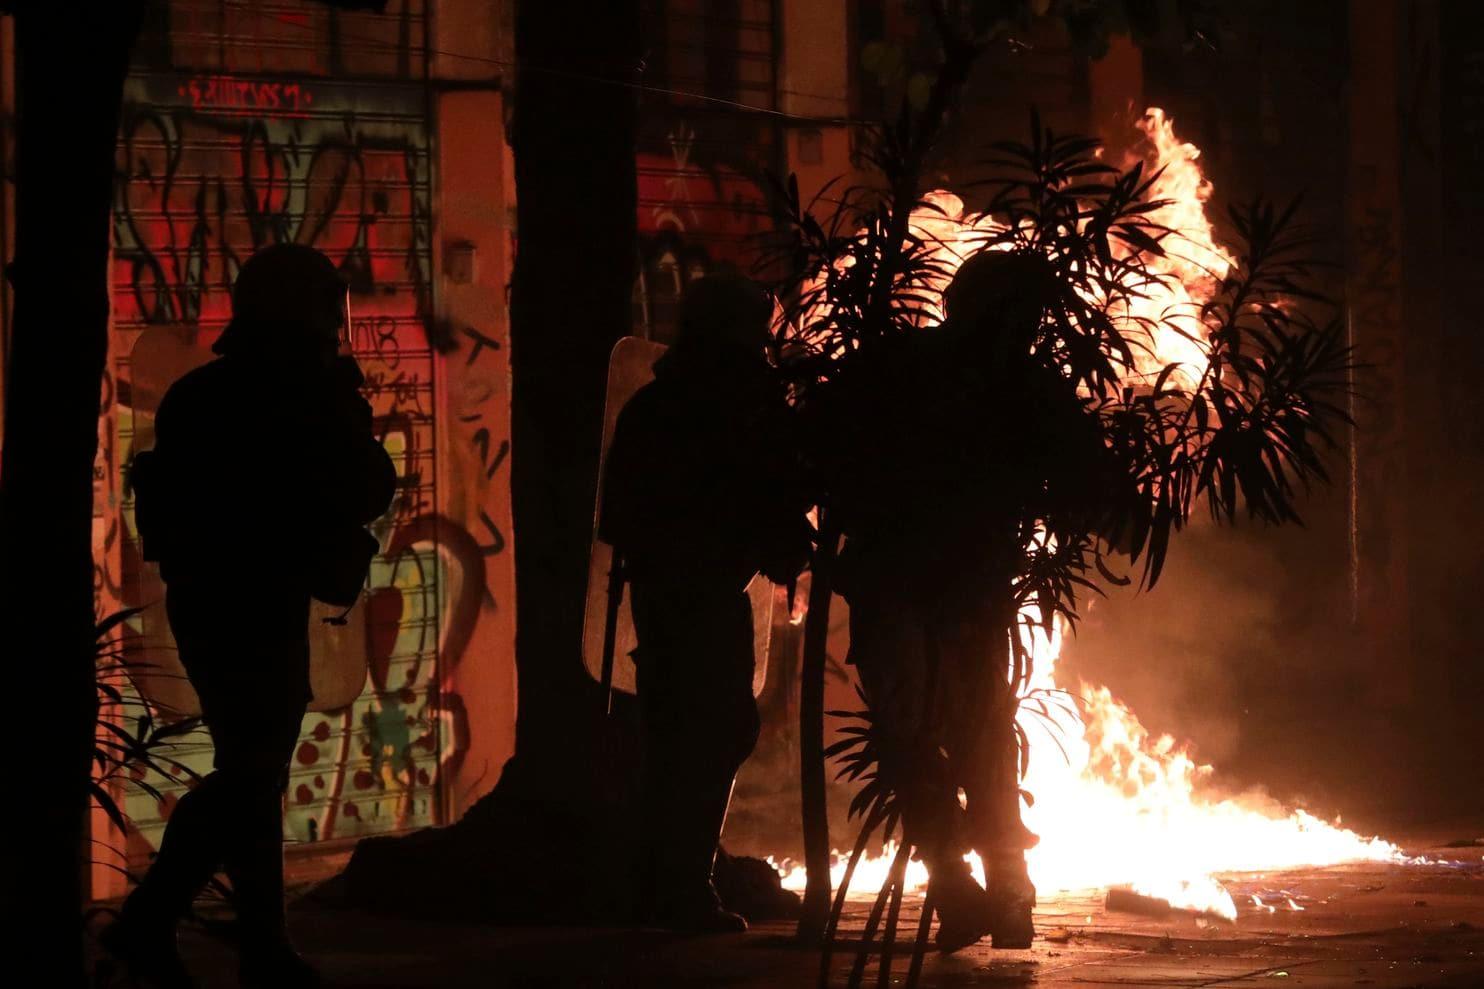 Les affrontements de la nuit de samedi à dimanche, à Exarchia